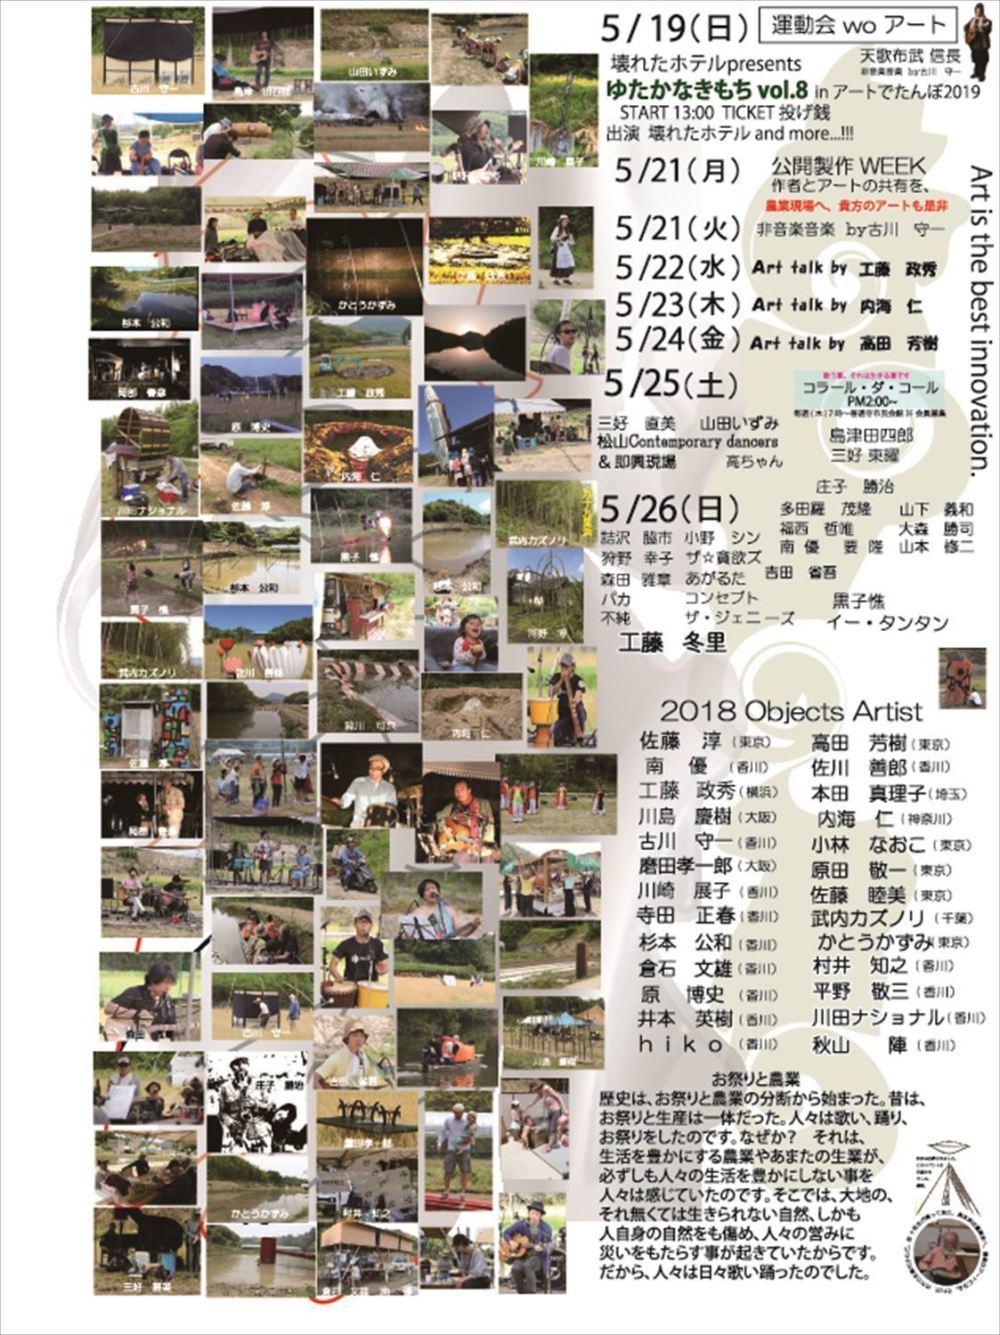 アートでたんぼ2019 レポ 香川_b0242956_14395354.jpg